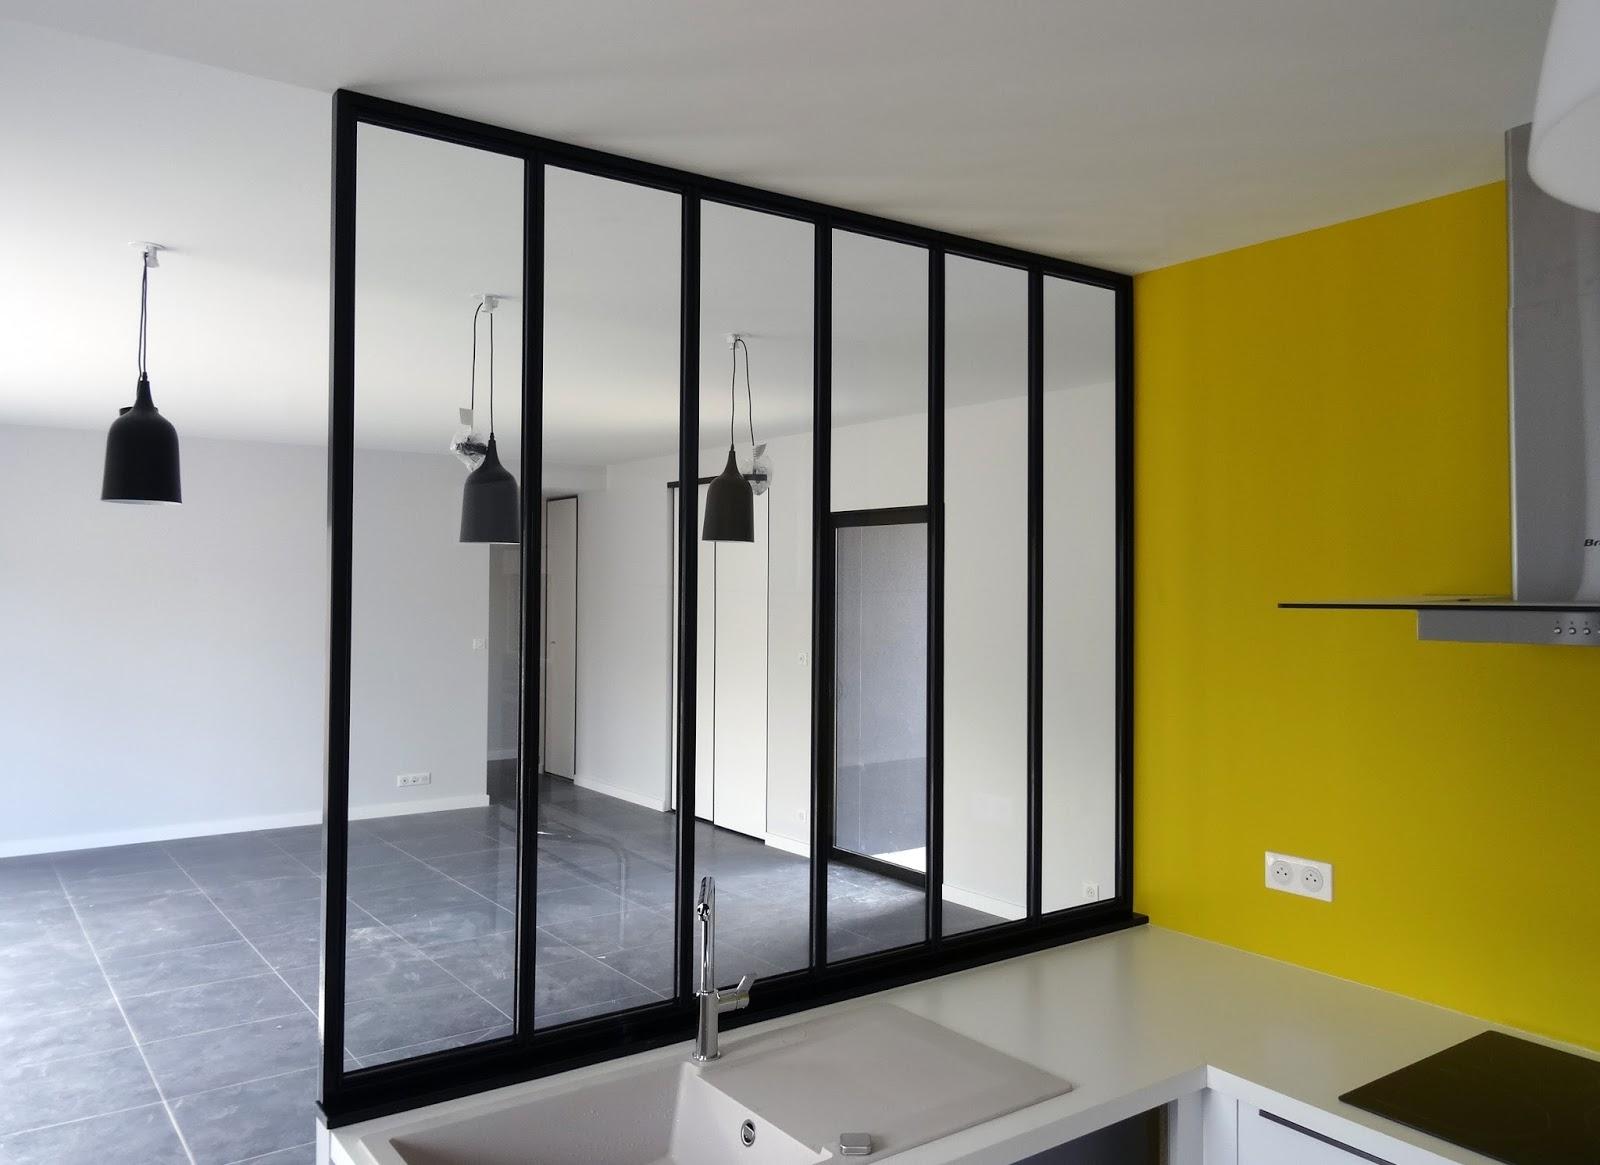 Cloison Amovible Style Verriere | Idées décoration - Idées décoration